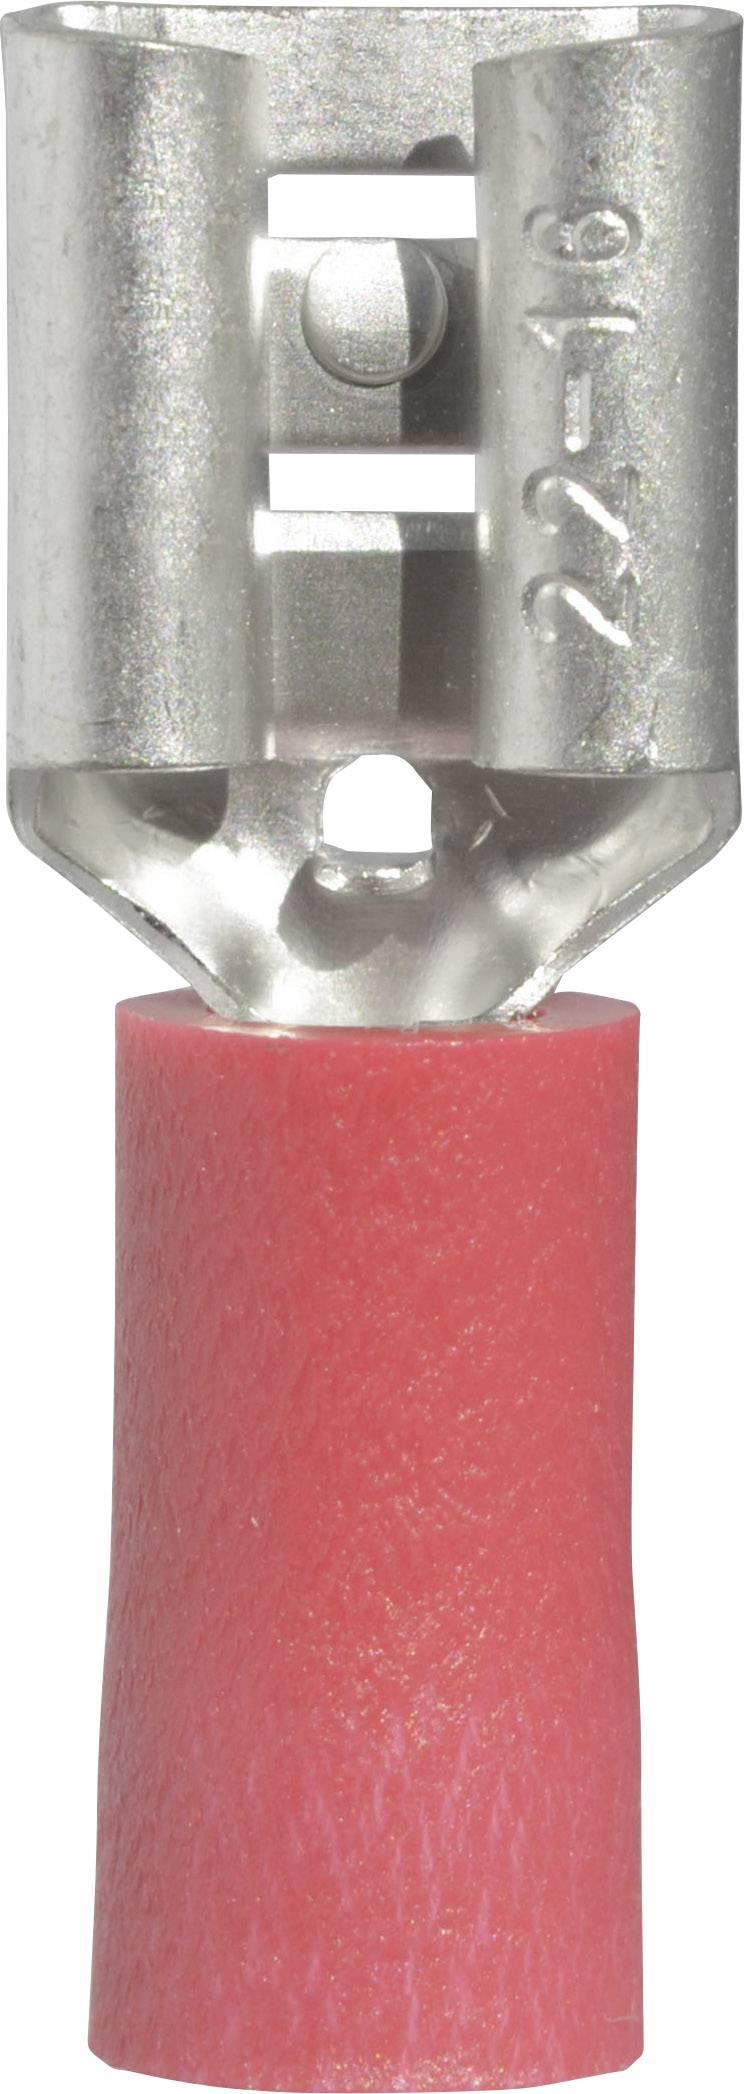 Faston konektor zásuvka Vogt Verbindungstechnik 3903 6.3 mm x 0.8 mm, 180 °, čiastočne izolované, červená, 1 ks